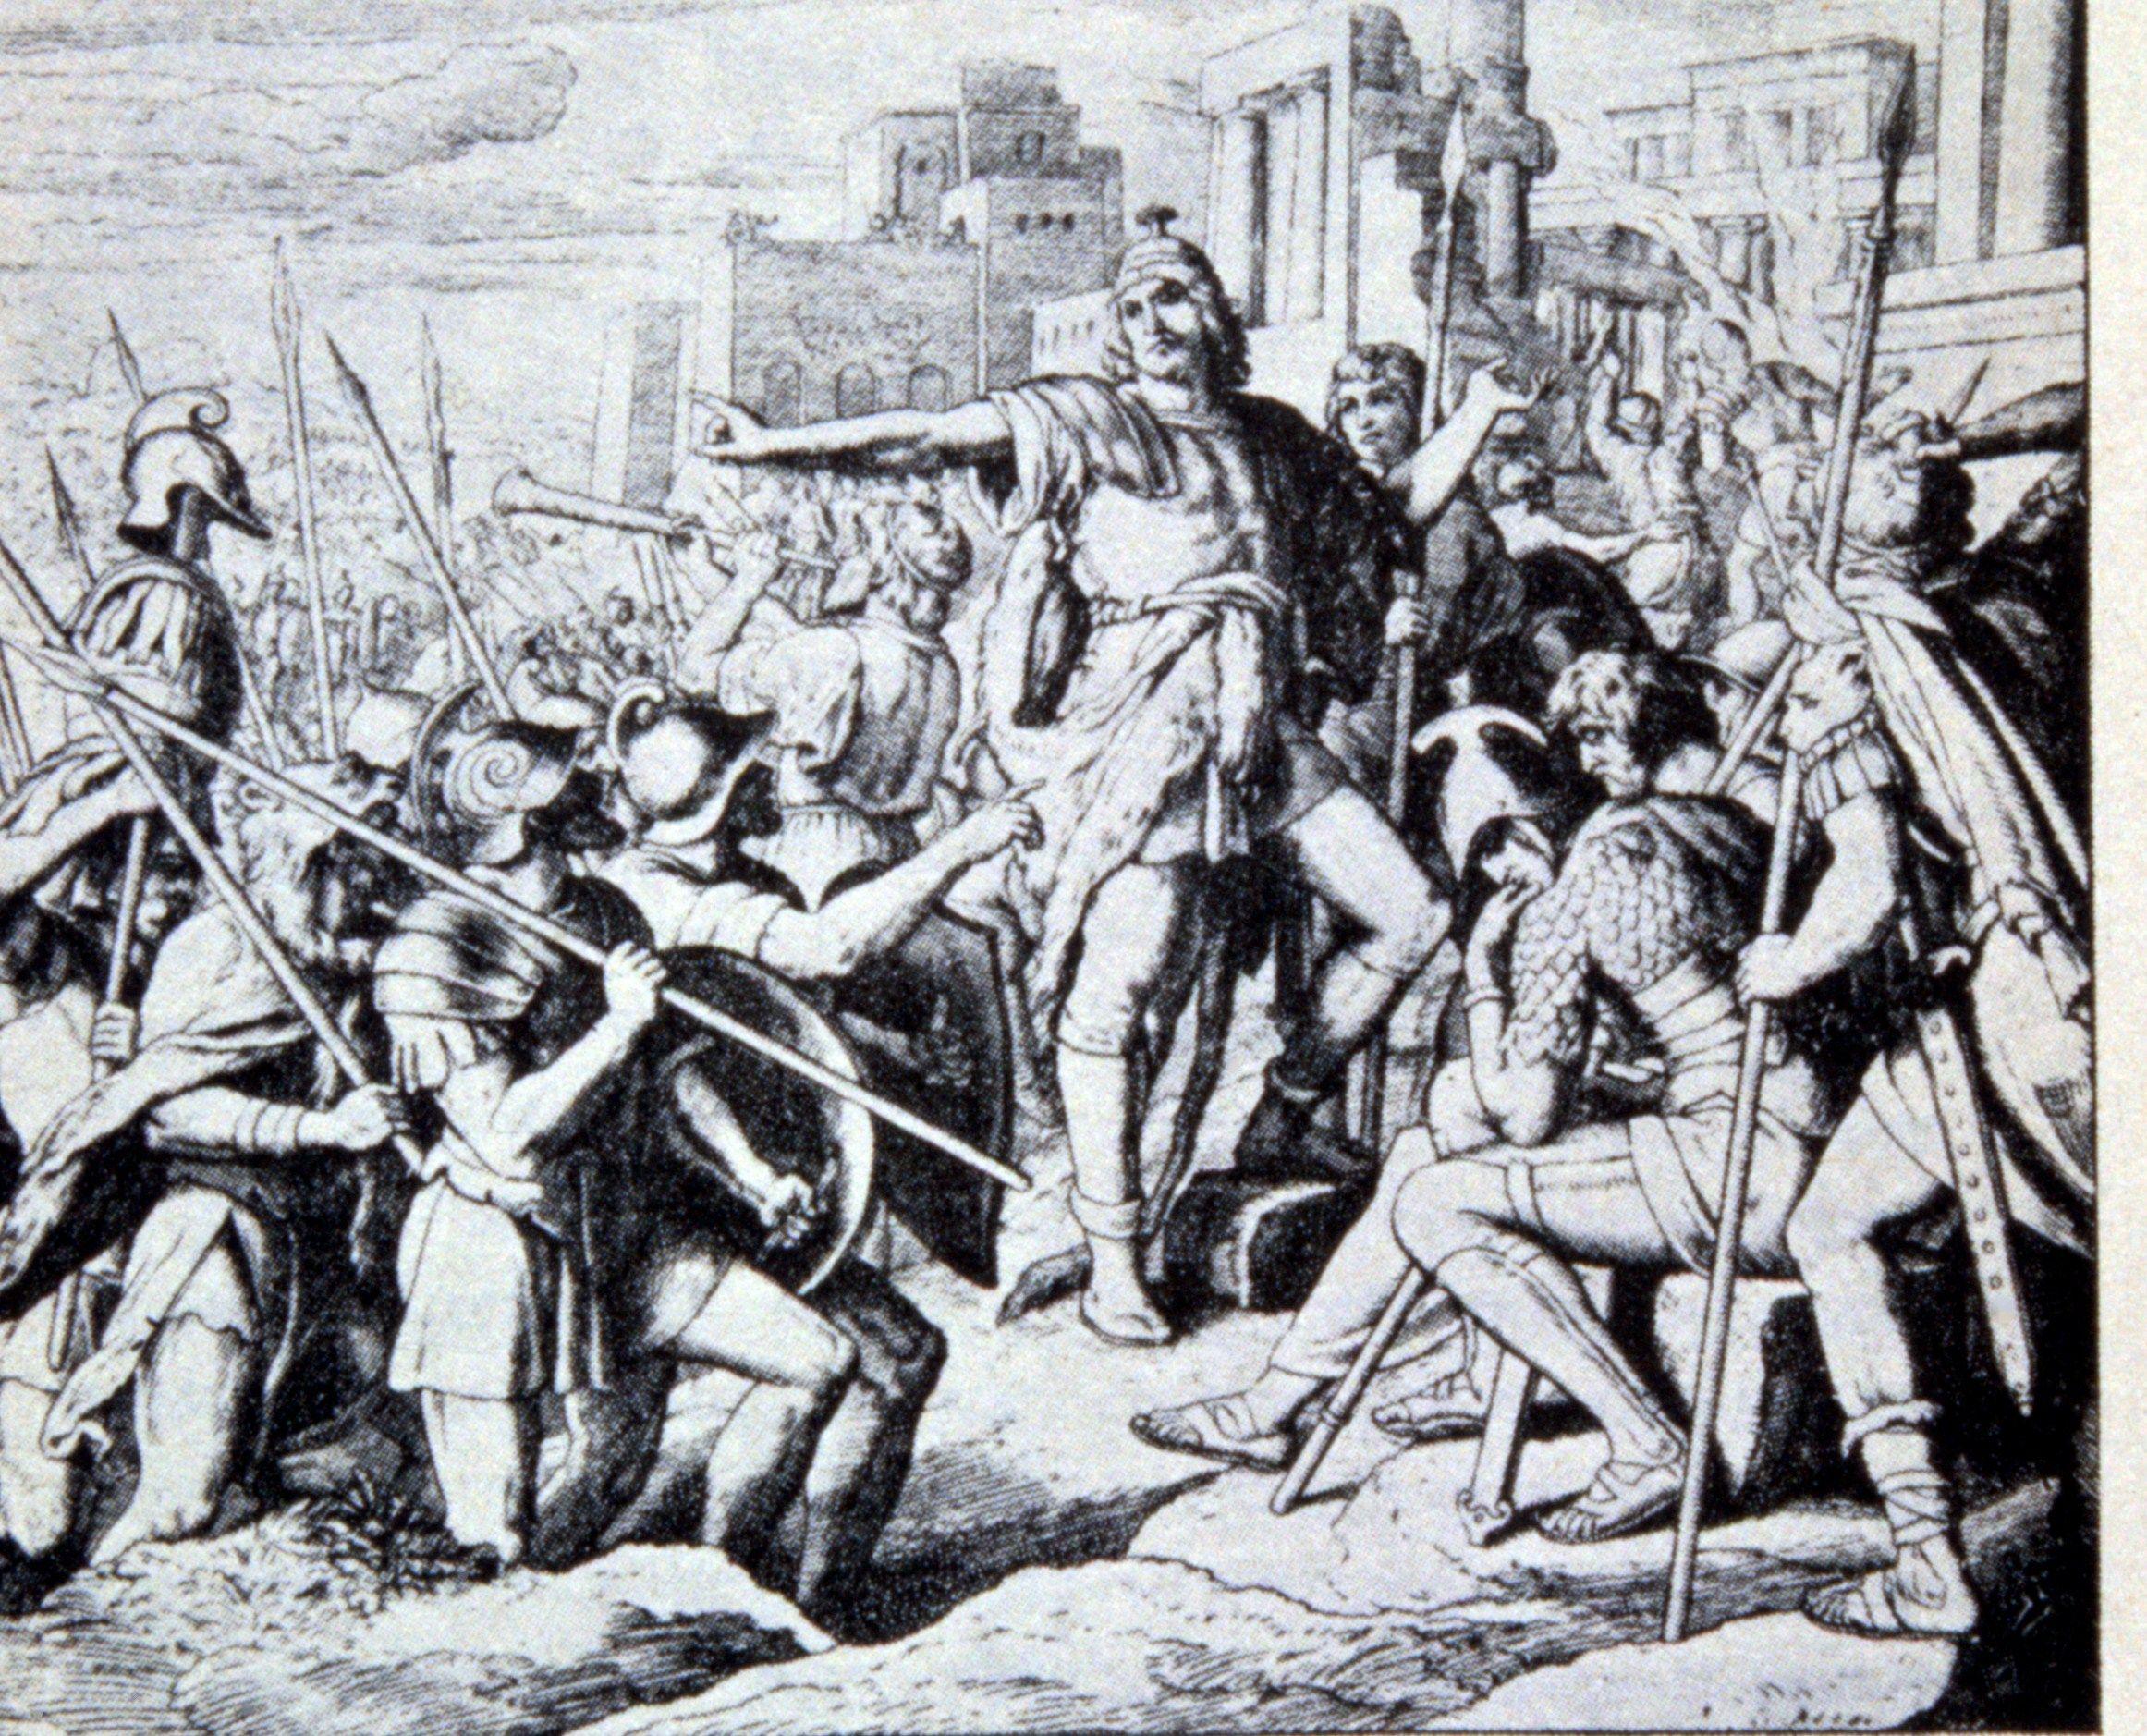 ירושלים במהלך הדורות, התקופה היוונית, לימודי ירושלים, הרצאות ...